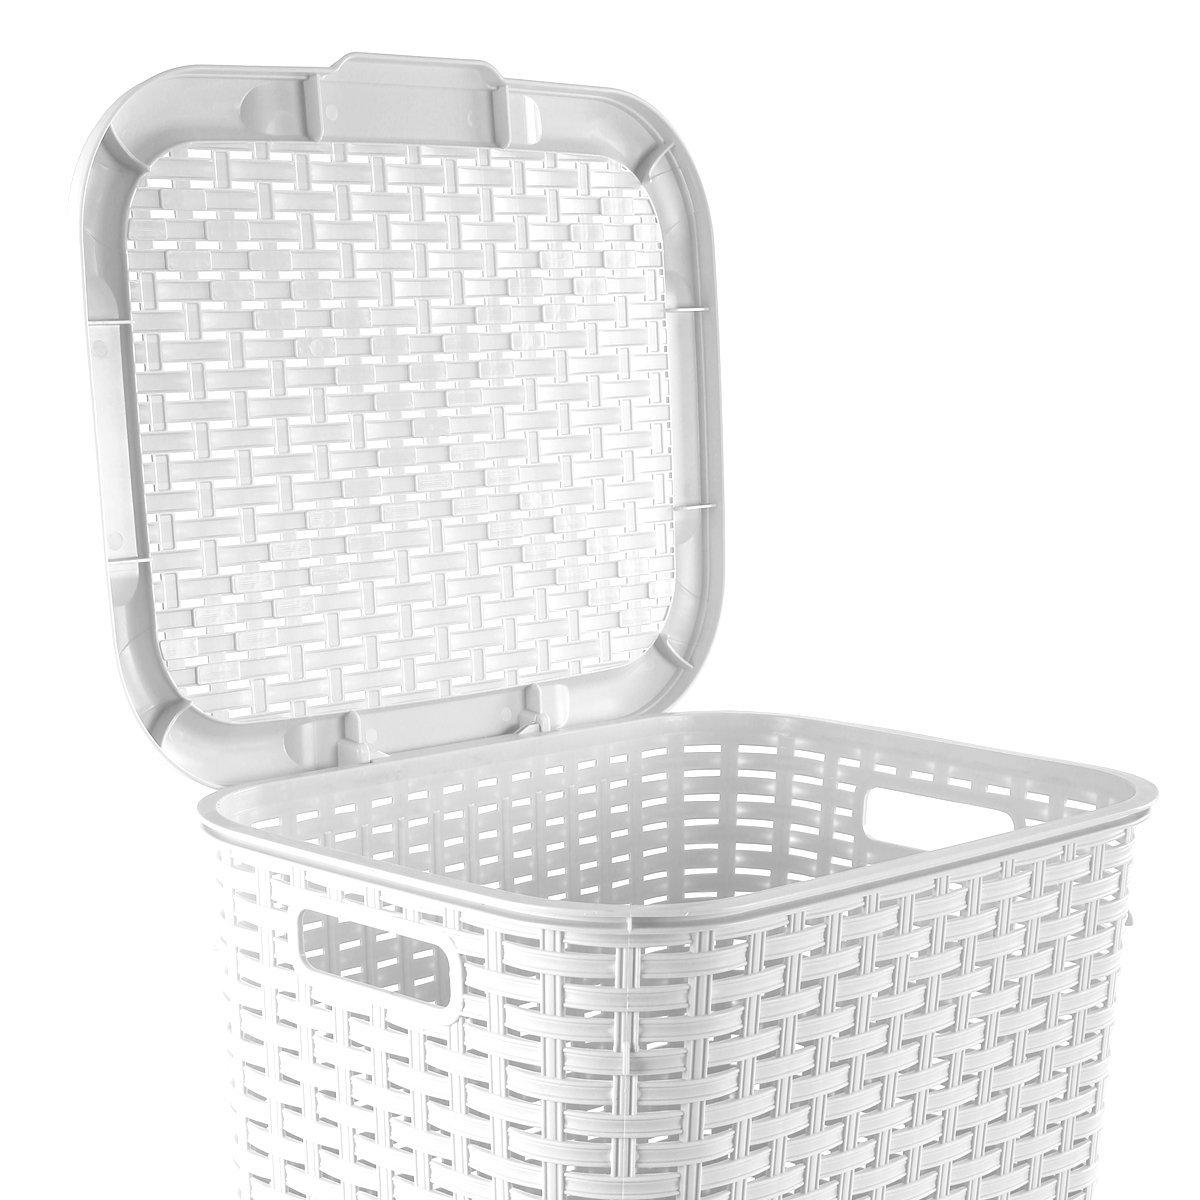 Wäschekorb In Rattan Optik 60 Liter Atmungsaktiv Mit Offen Gestalteter Struktur In 4 Verschiedenen Farben Weiß